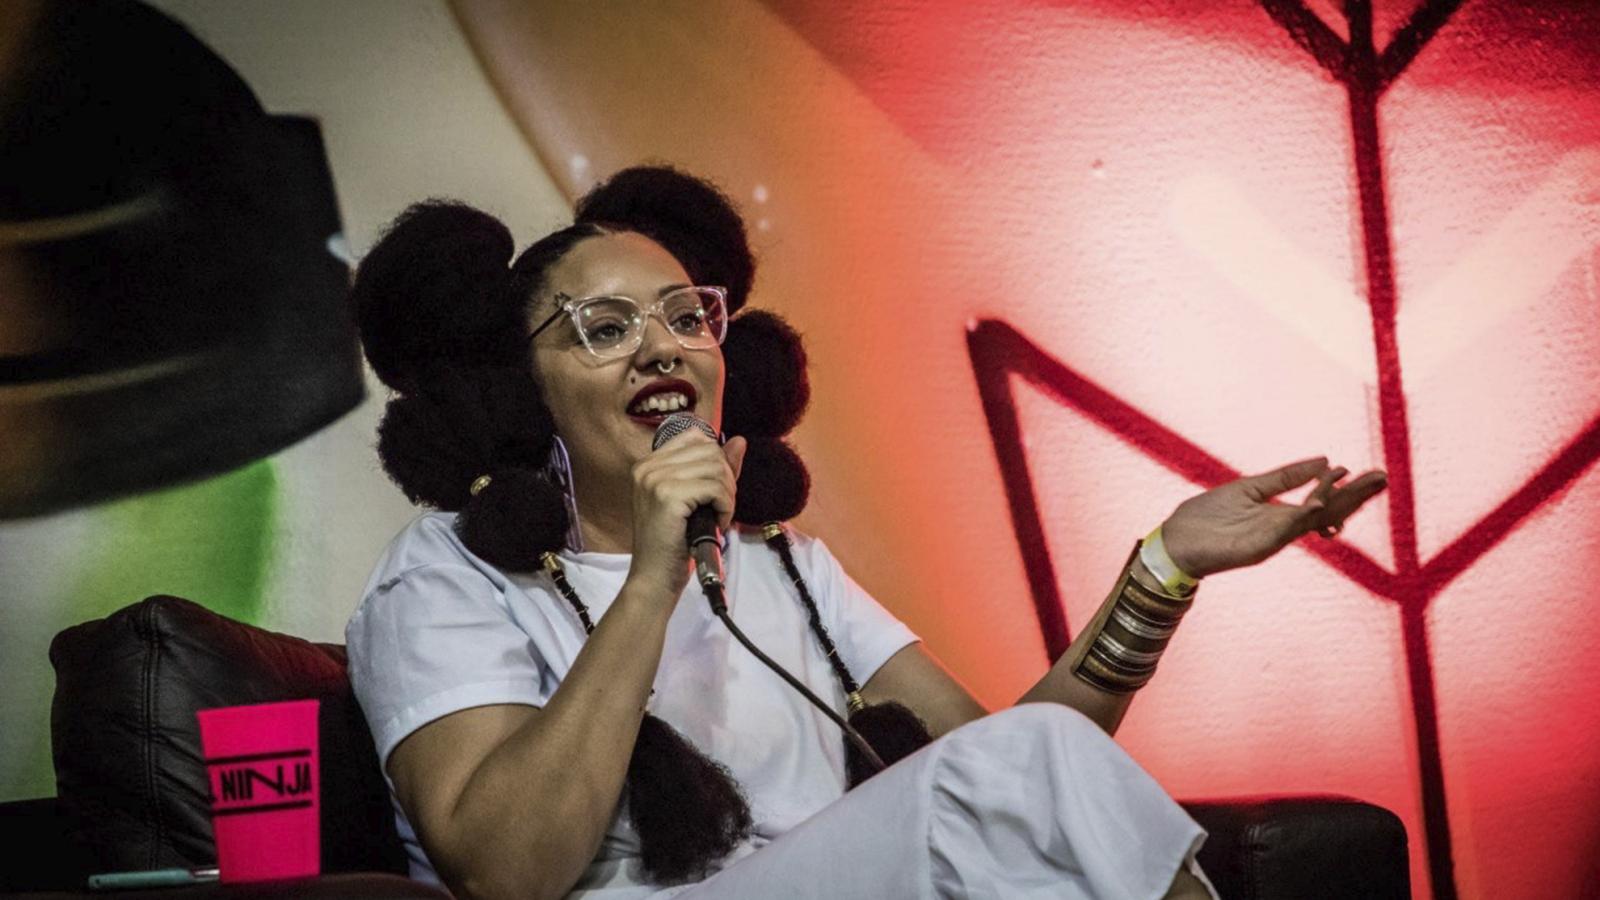 <p>Instituto Afrolatinas e Blogueiras Negras: reinvenção política e coletiva de mulheres negras em nova geração</p>